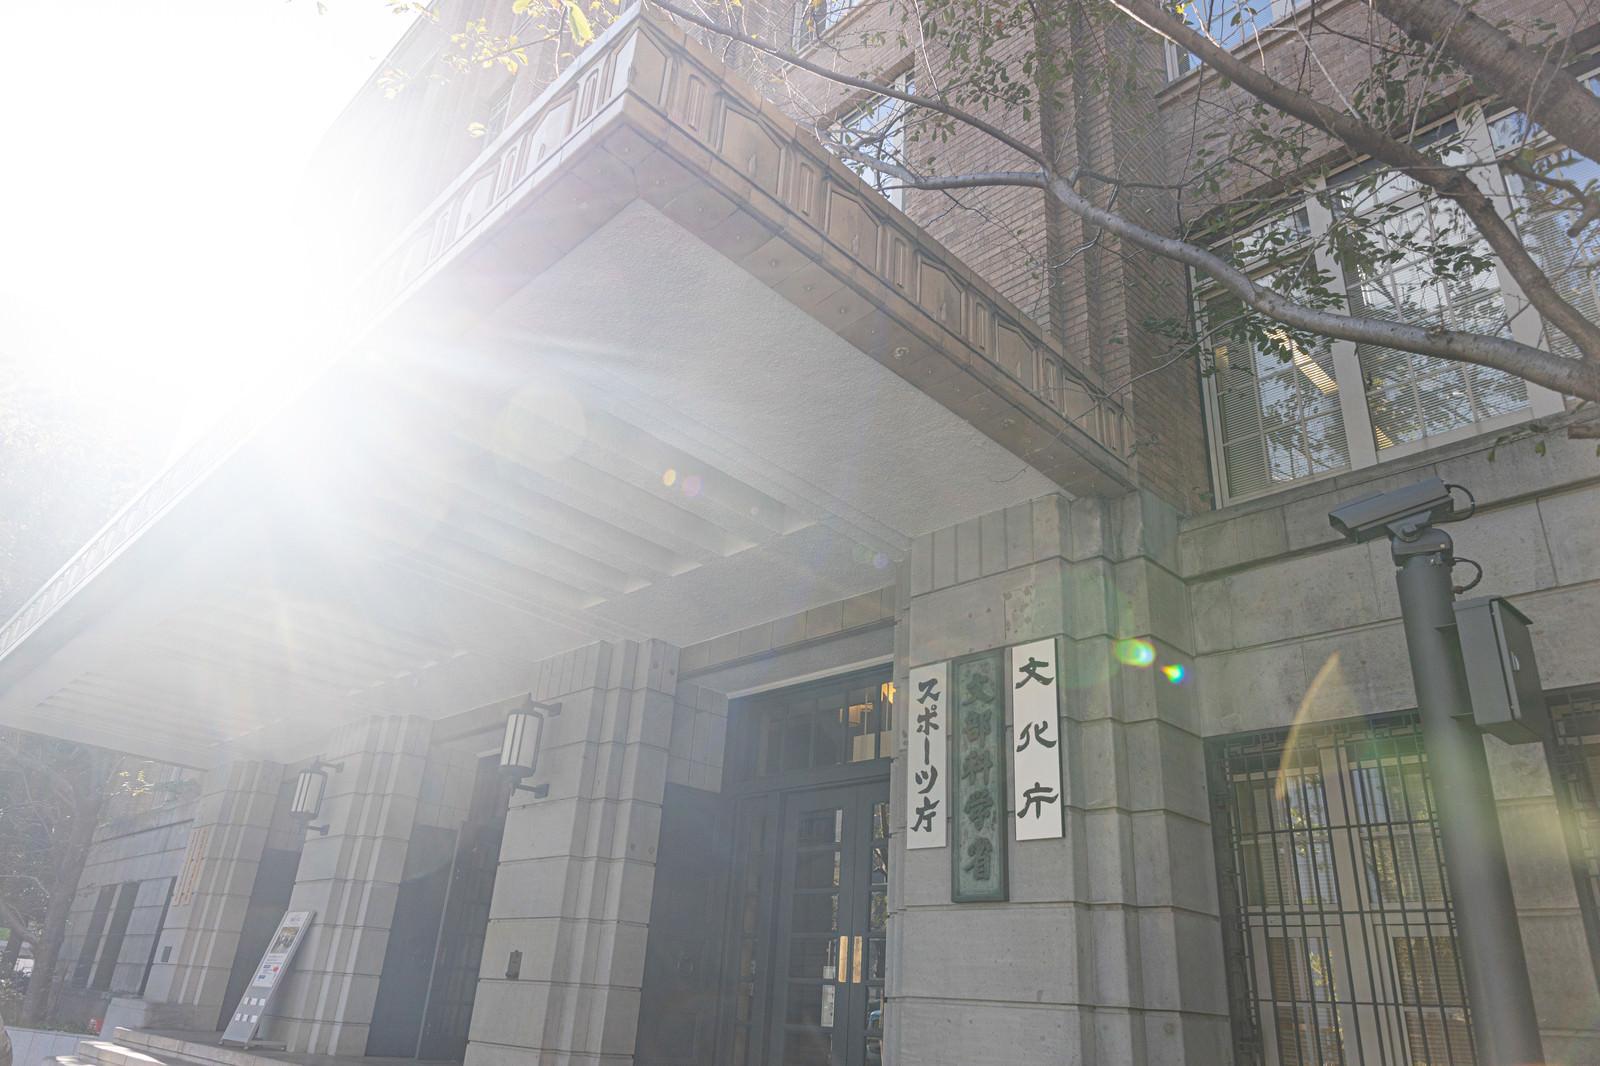 「日が射す文部科学省」の写真